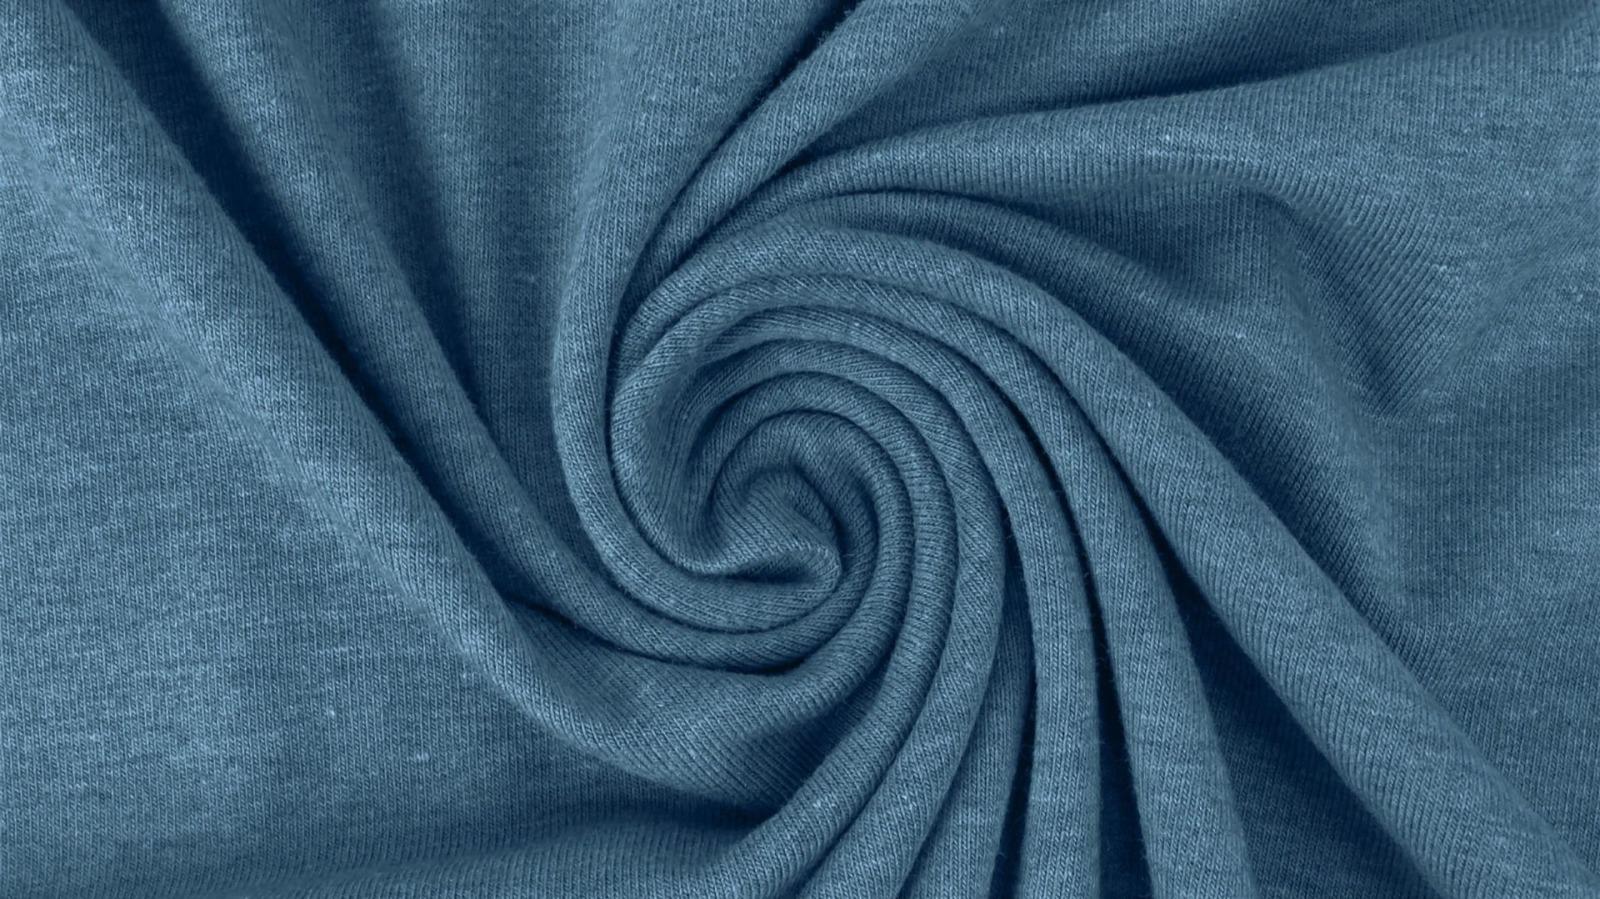 05m Jersey uni meliert blau